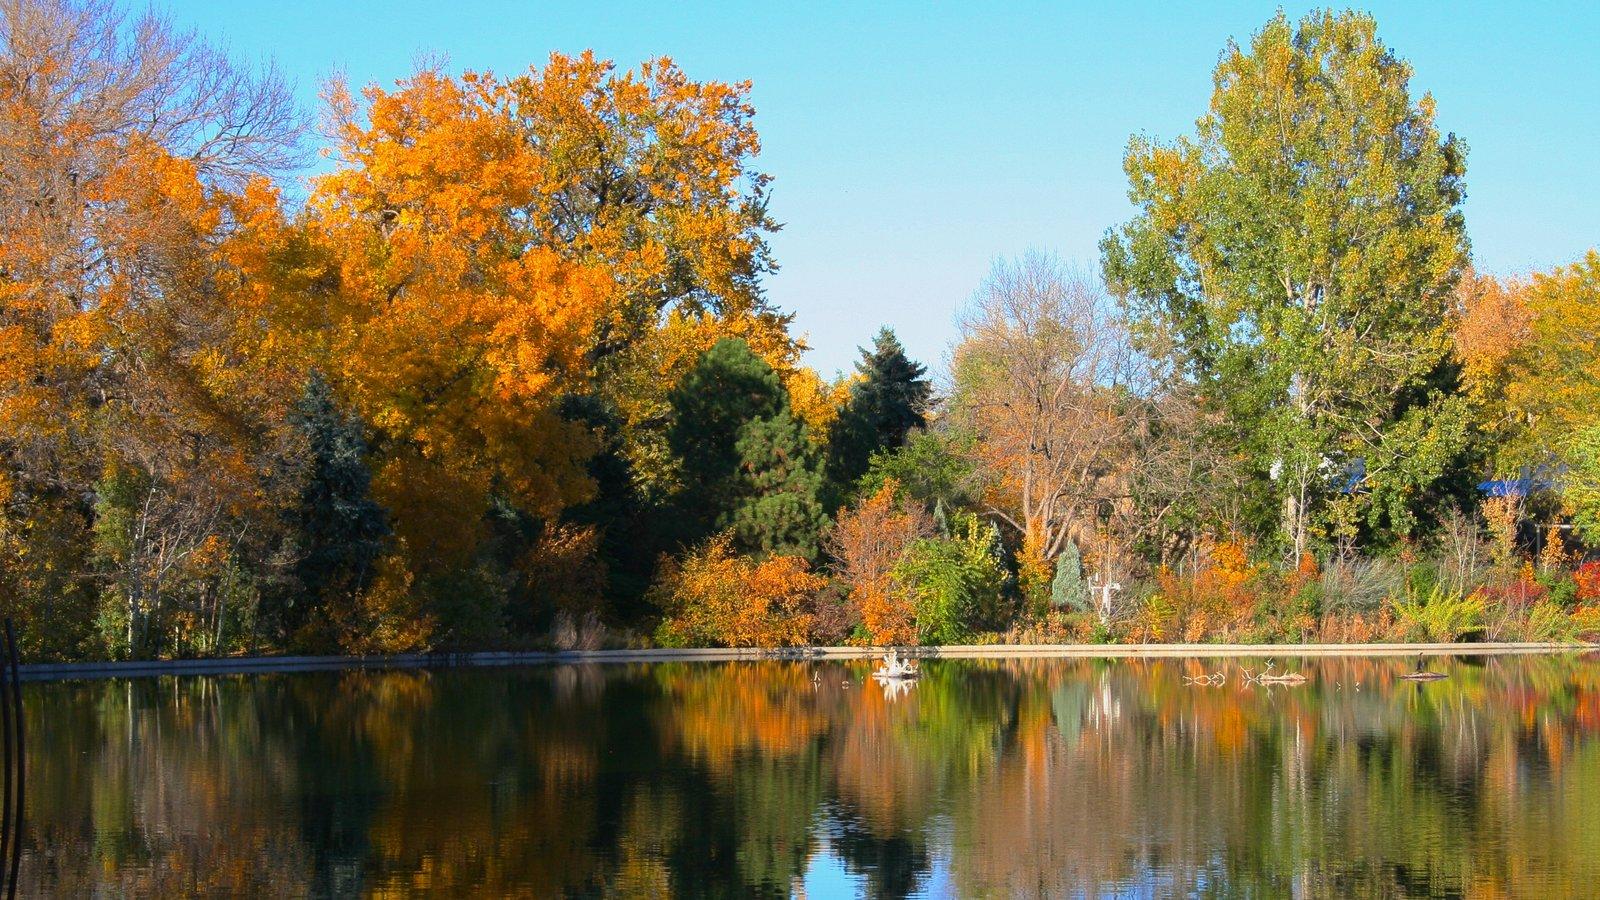 City Park caracterizando um lago, paisagem e florestas